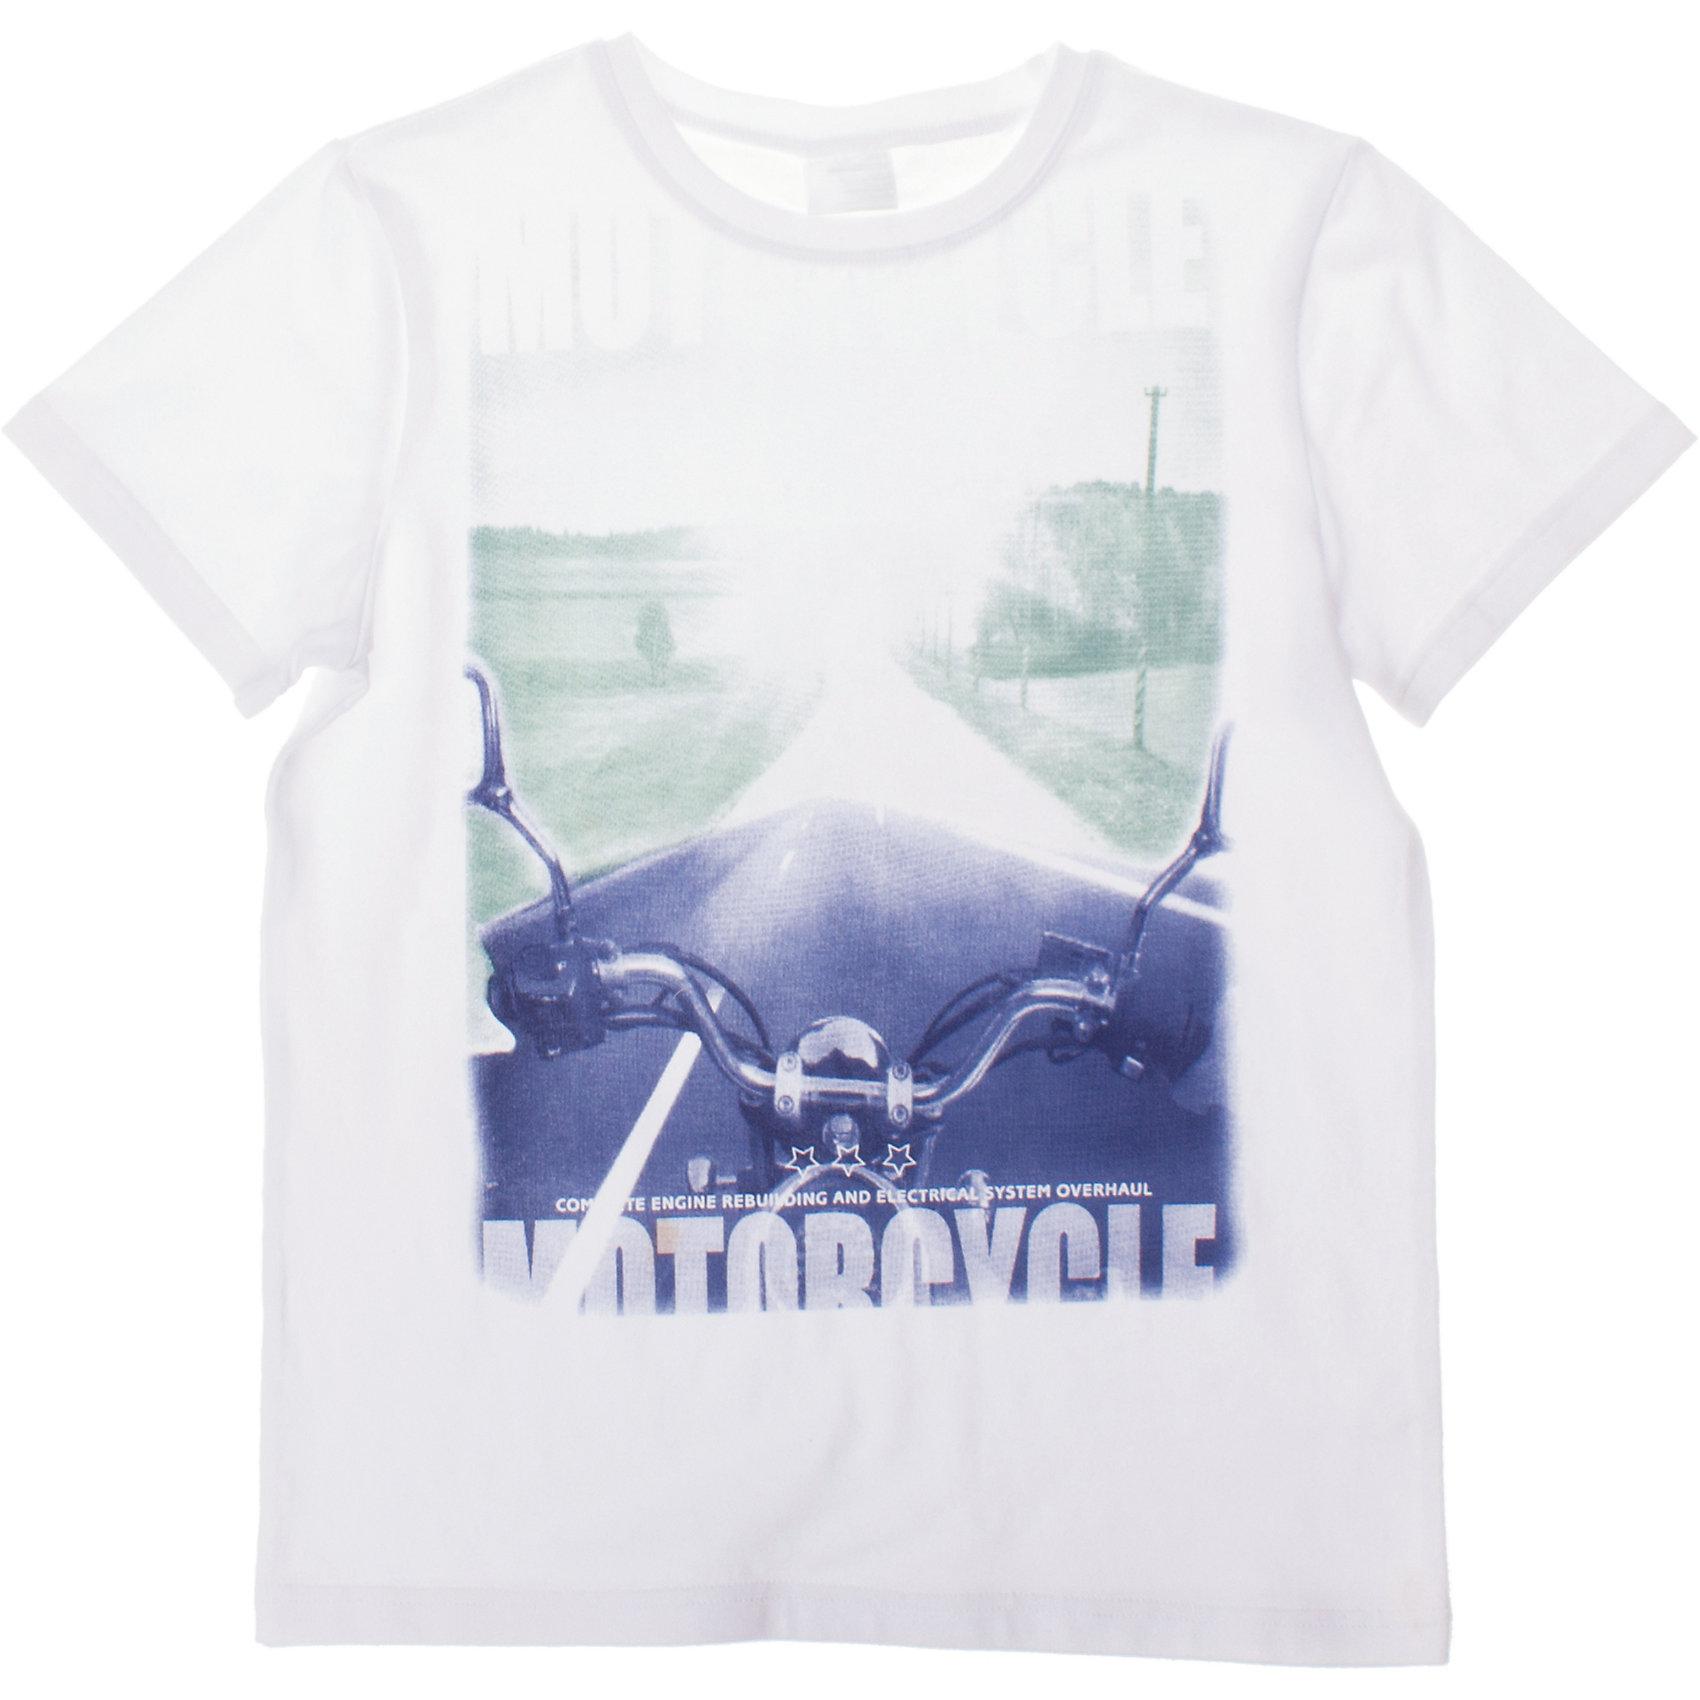 Футболка для мальчика ScoolФутболки, поло и топы<br>Мягкая хлопковая футболка белого цвета.Воротник на резинке. Украшена крупным водным фотопринтом с мотоциклом. Состав: 95% хлопок, 5% эластан<br><br>Ширина мм: 199<br>Глубина мм: 10<br>Высота мм: 161<br>Вес г: 151<br>Цвет: белый<br>Возраст от месяцев: 132<br>Возраст до месяцев: 144<br>Пол: Мужской<br>Возраст: Детский<br>Размер: 152,164,146,140,134,158<br>SKU: 4652778